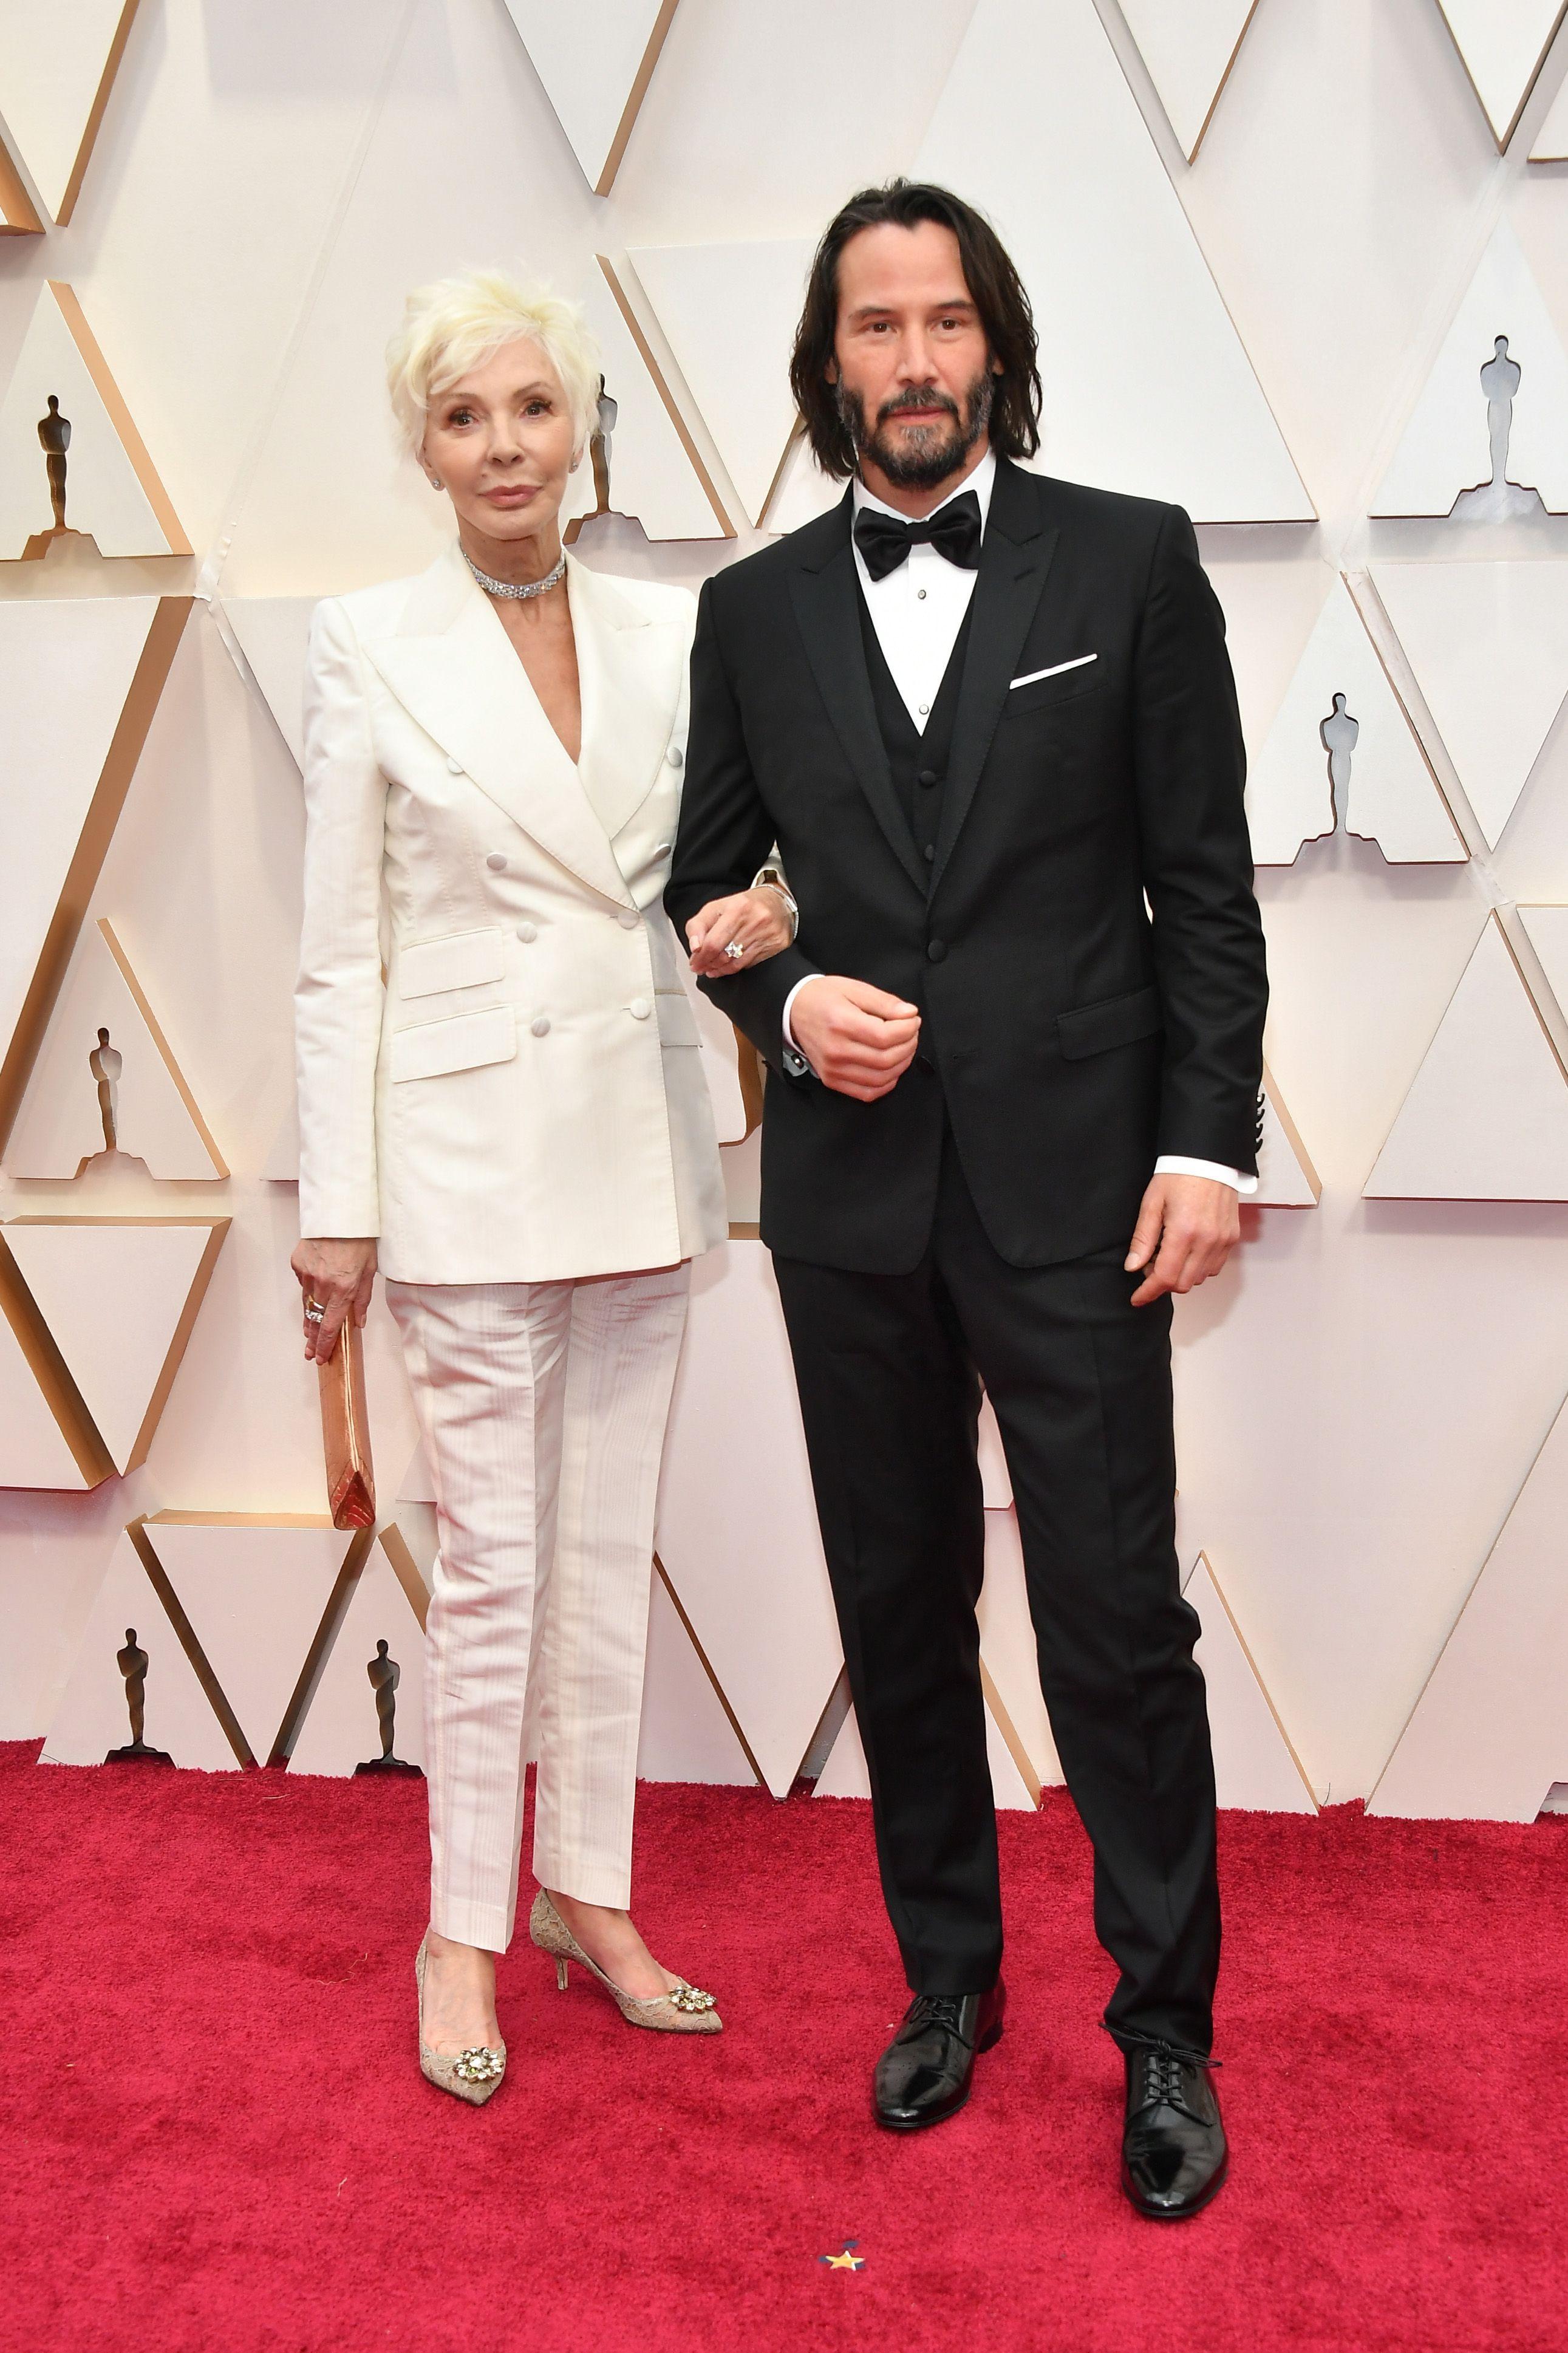 Киану Рийвс с майка си  Актьорът изглежда изрядно в своя смокинг, като същото важи и за майка му. Белият костюм с двуредно сако е комплиментиран от красиви бижута и бежови обувки с кристали. Прекрасно!